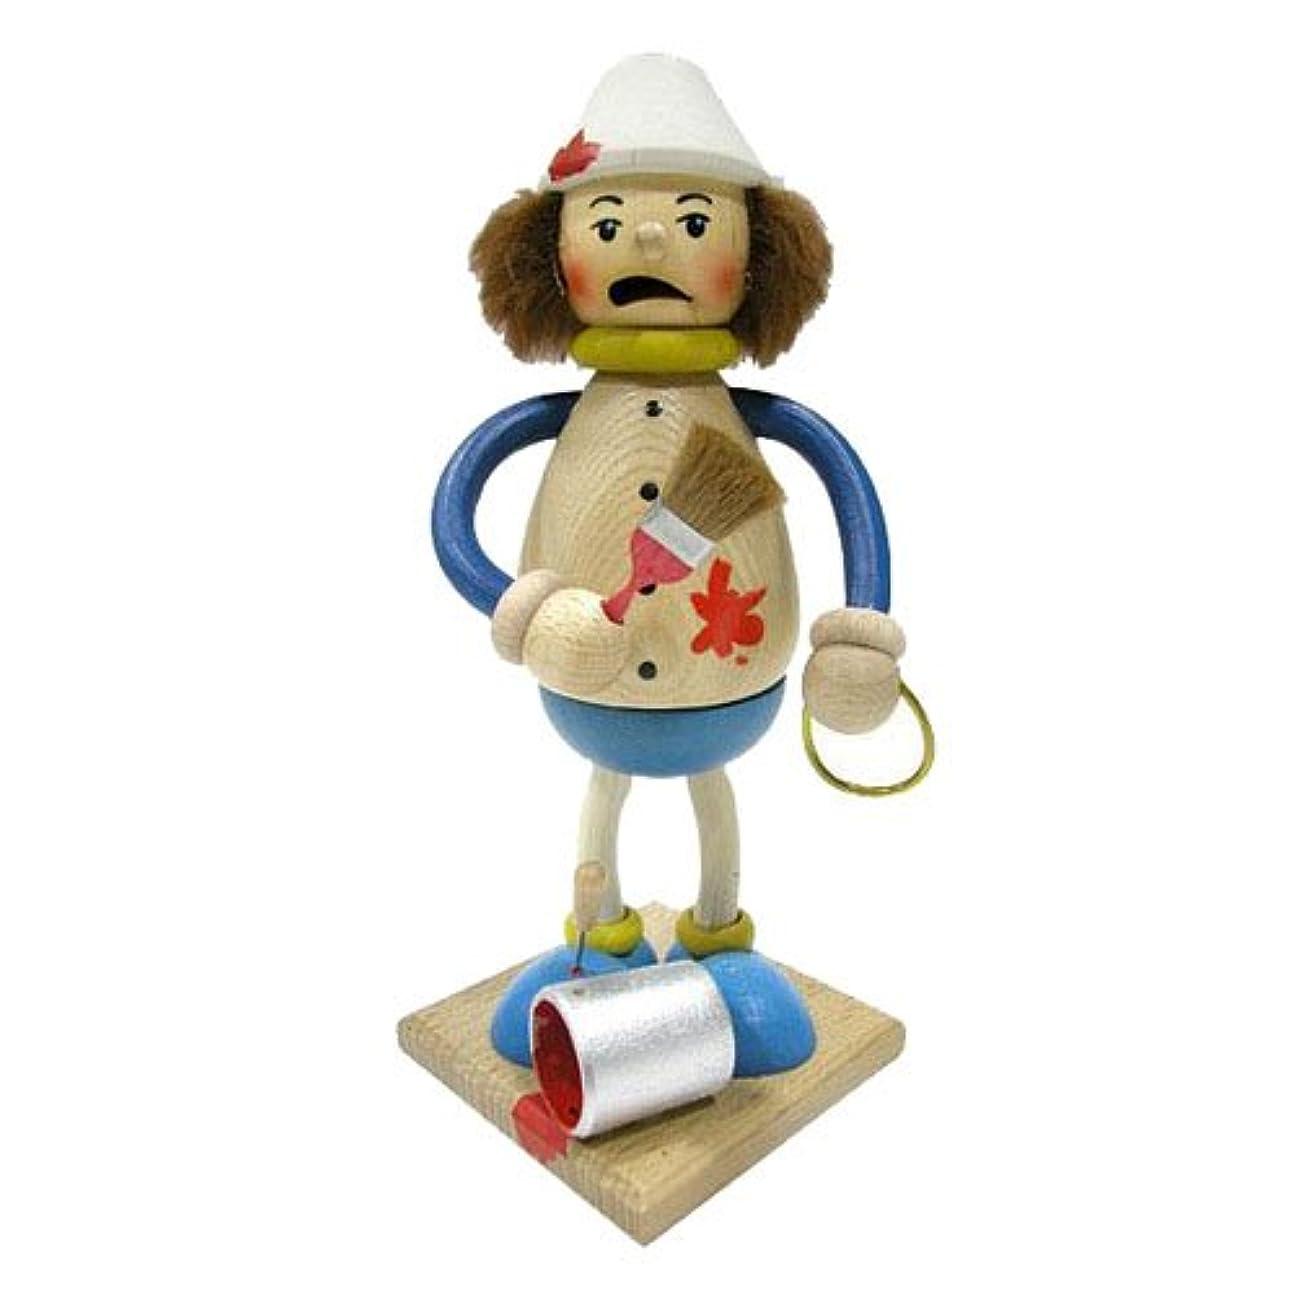 有益な属性反対39095 Kuhnert(クーネルト) ミニパイプ人形香炉 ペインター